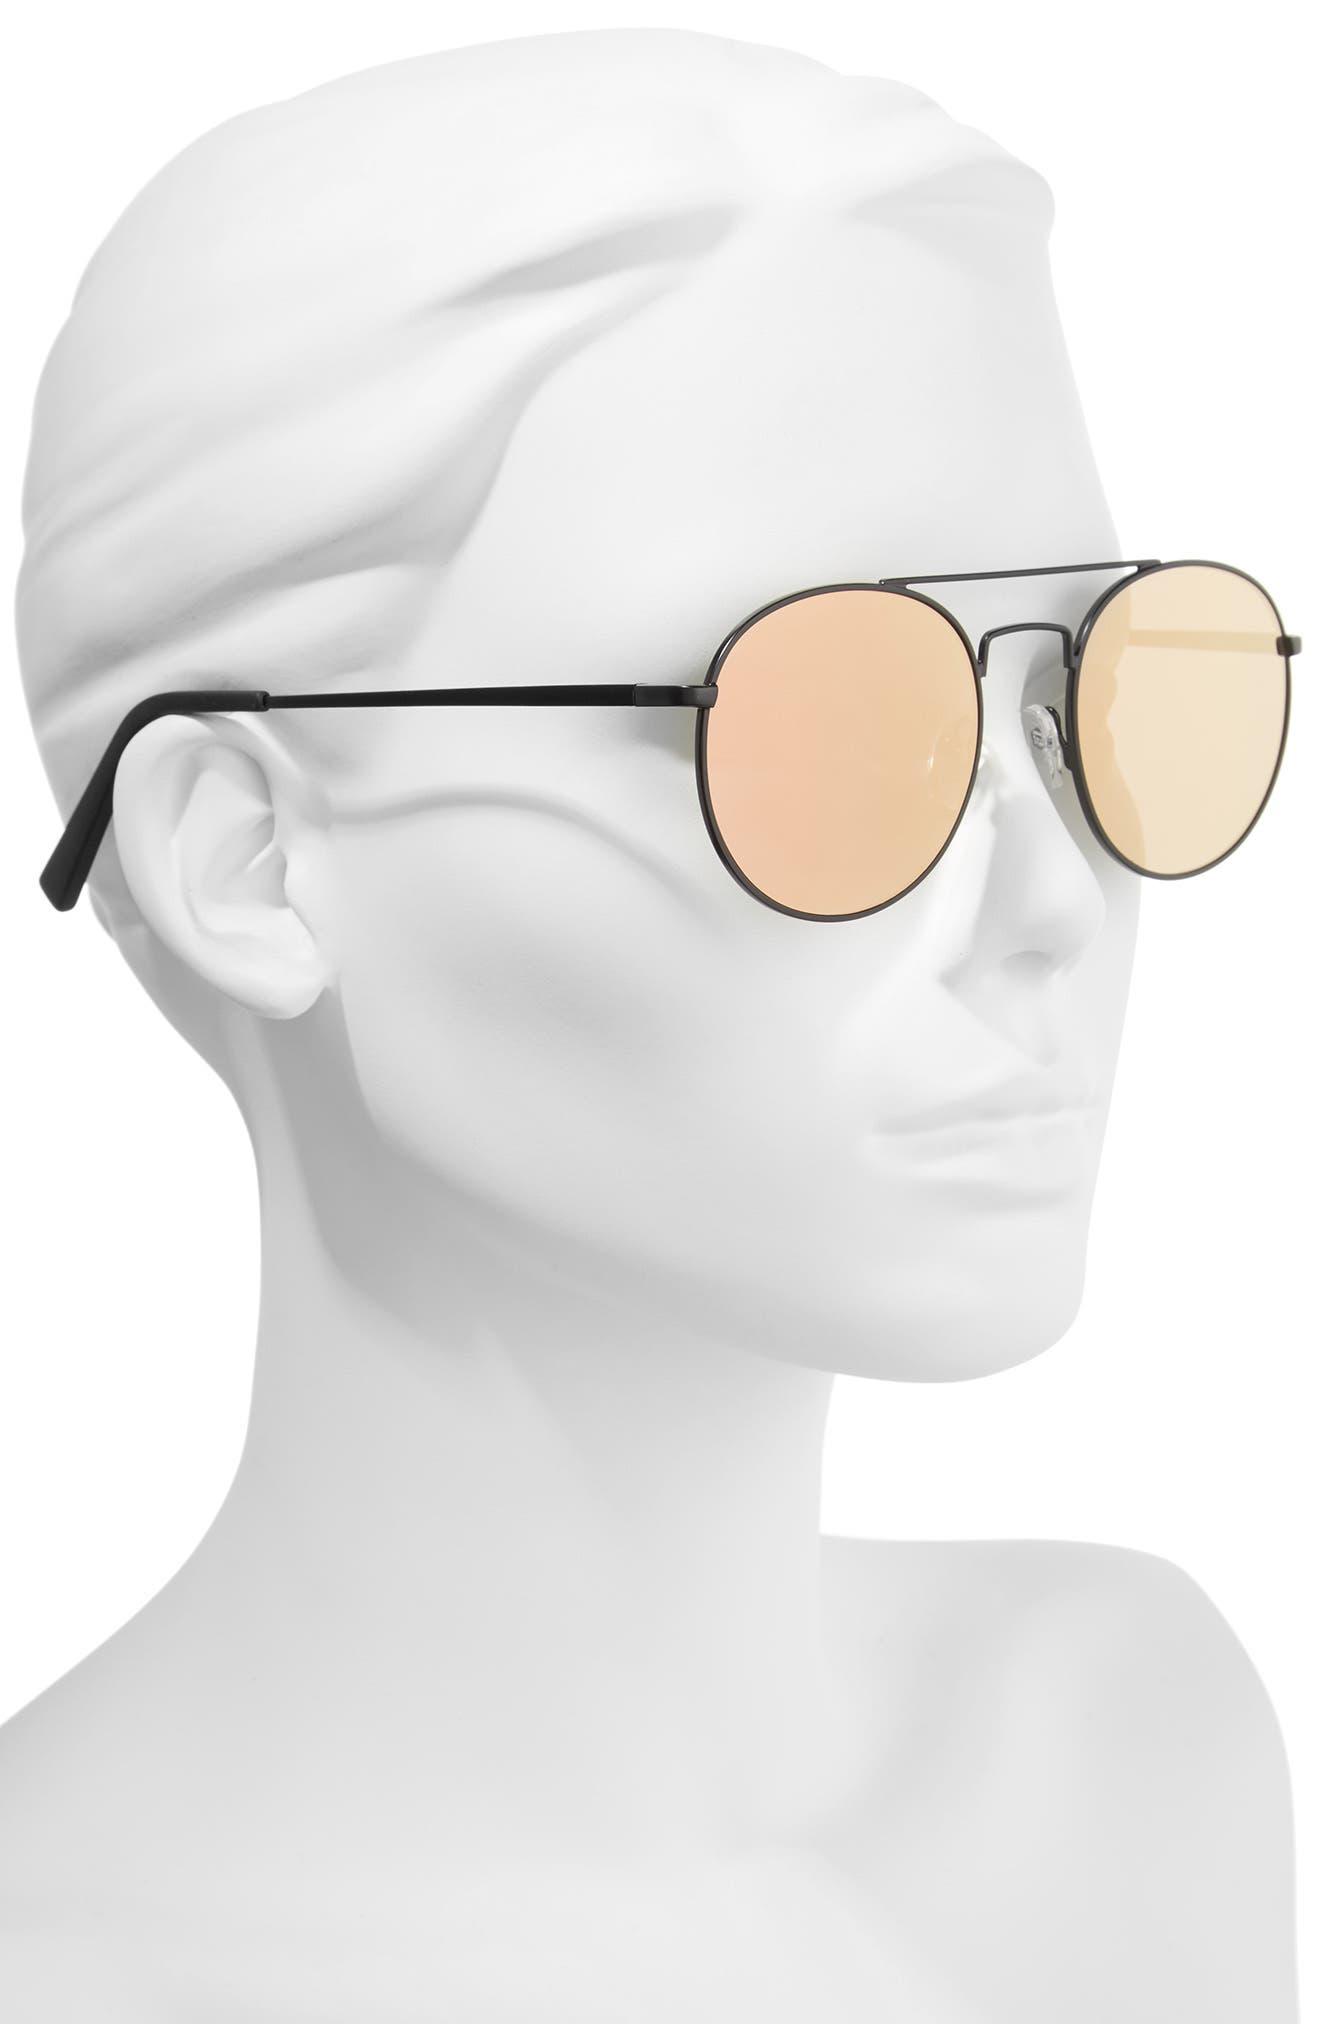 Revolution 53mm Aviator Sunglasses,                             Alternate thumbnail 2, color,                             MATTE BLACK